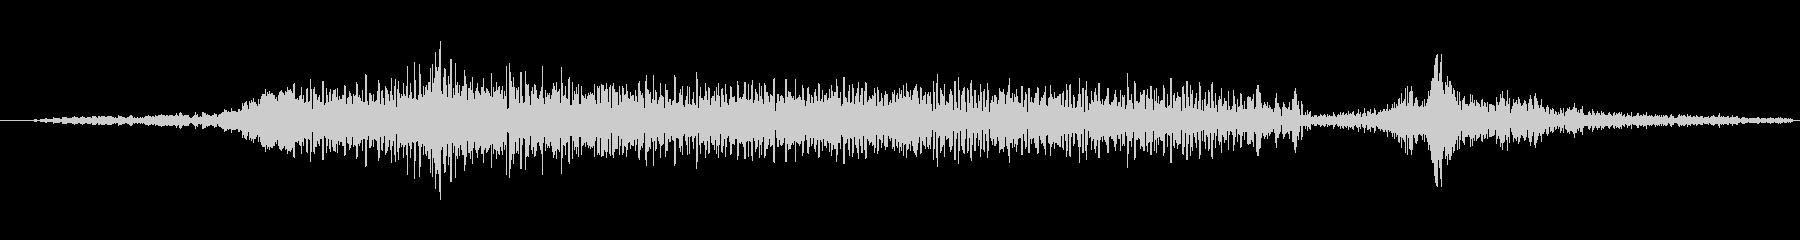 ホラー ドローンインパクト01の未再生の波形